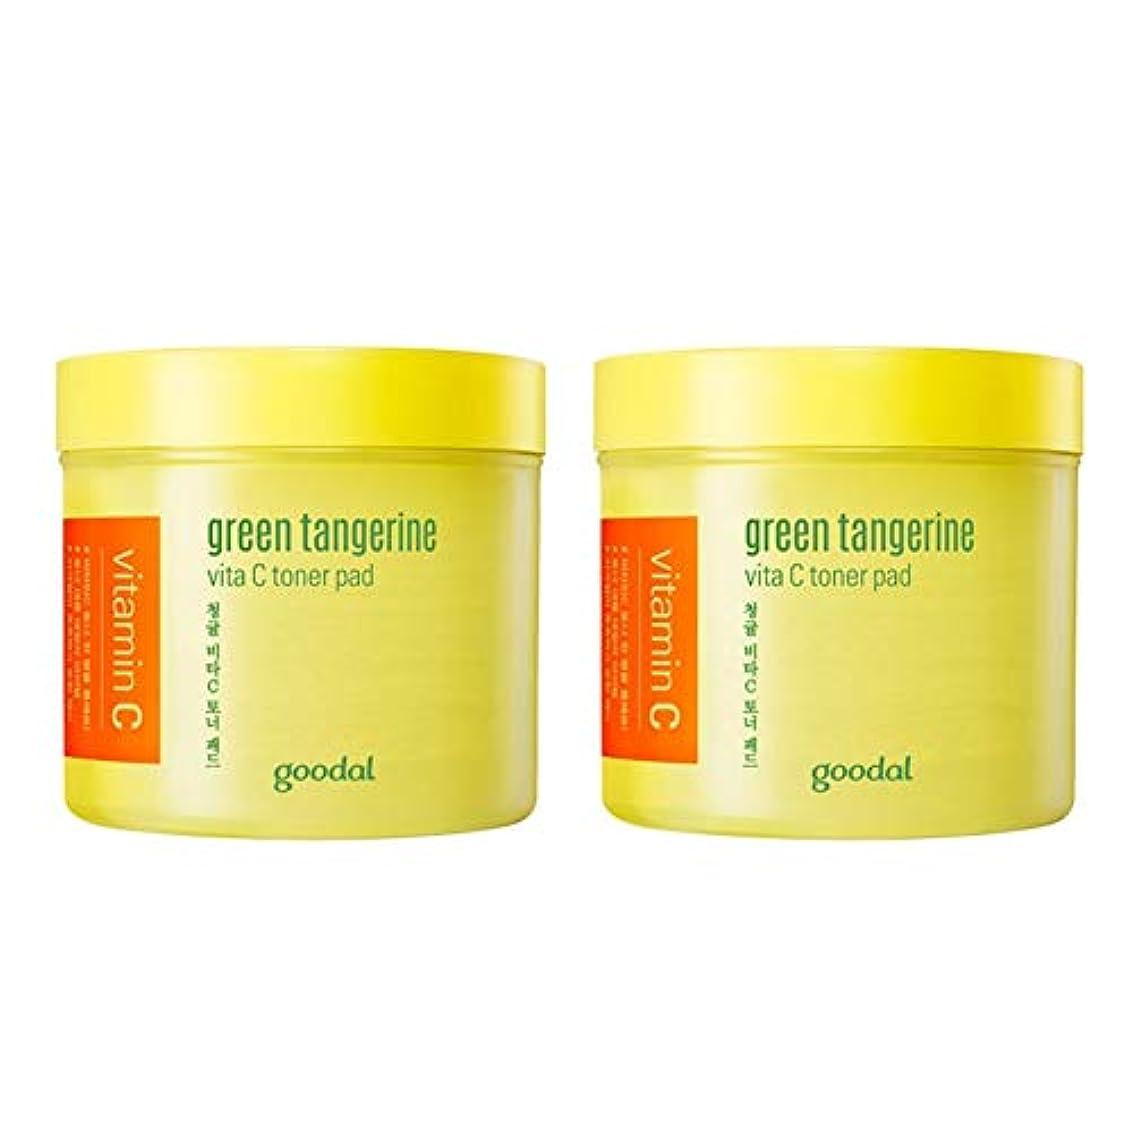 不適当俳優たくさんのグドール青みかんヴィータCトナーパッド70px2本セット質除去、水分供給 韓国コスメ 、Goodal Green Tangerine Vita C Toner Pad 70p x 2ea Set Korean Cosmetics...